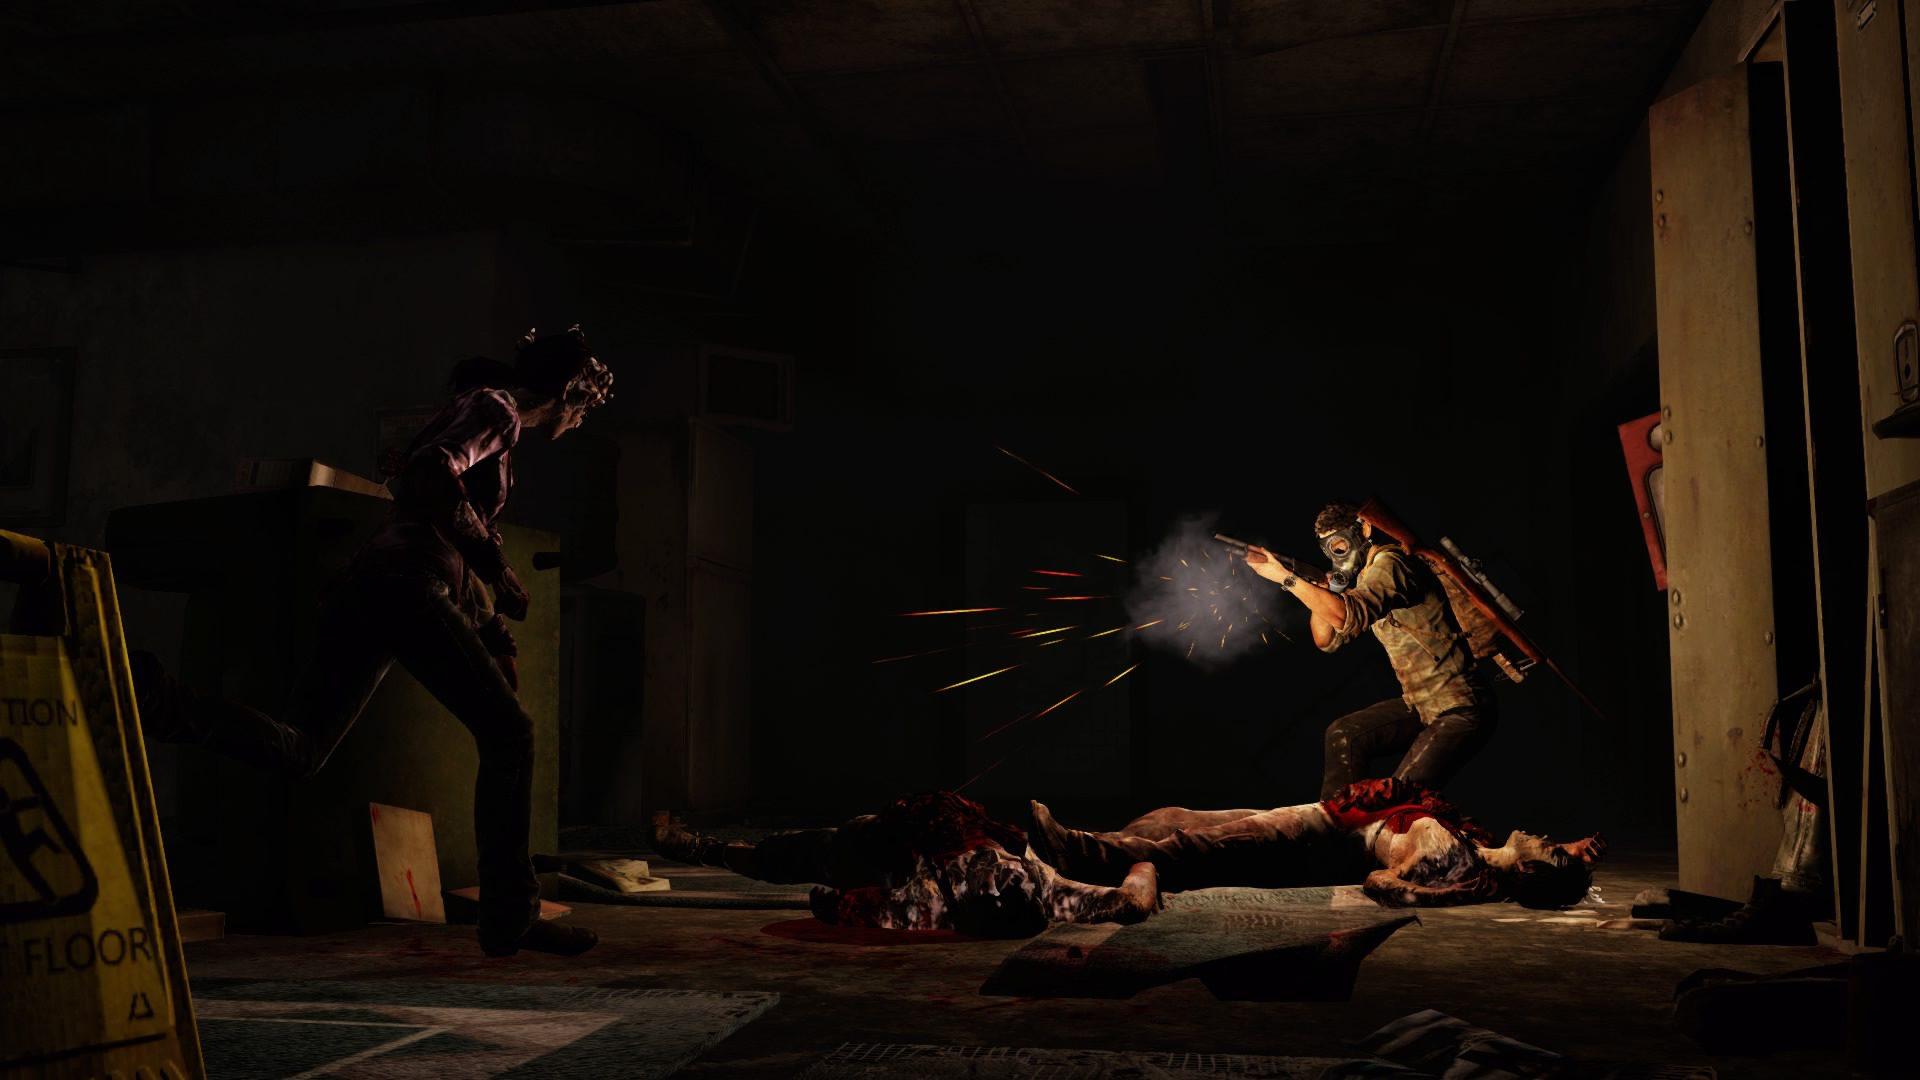 video games do horror better